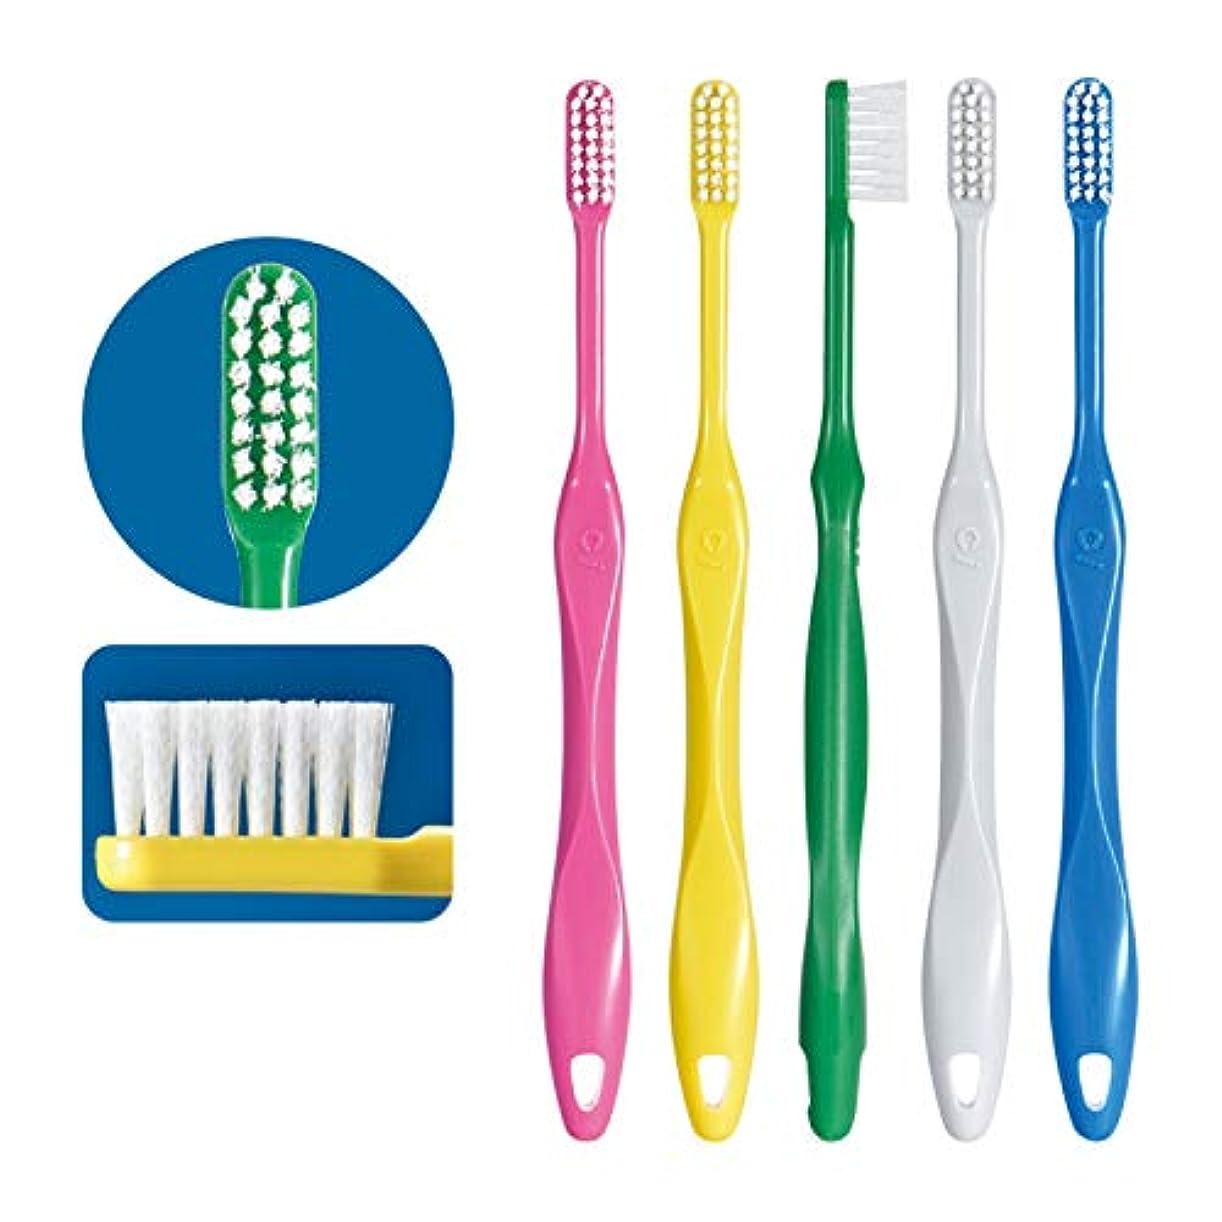 いたずらなうまれた市場Ci スマート 歯ブラシ 20本 S(やわらかめ) 日本製 大人用歯ブラシ 歯科専売品